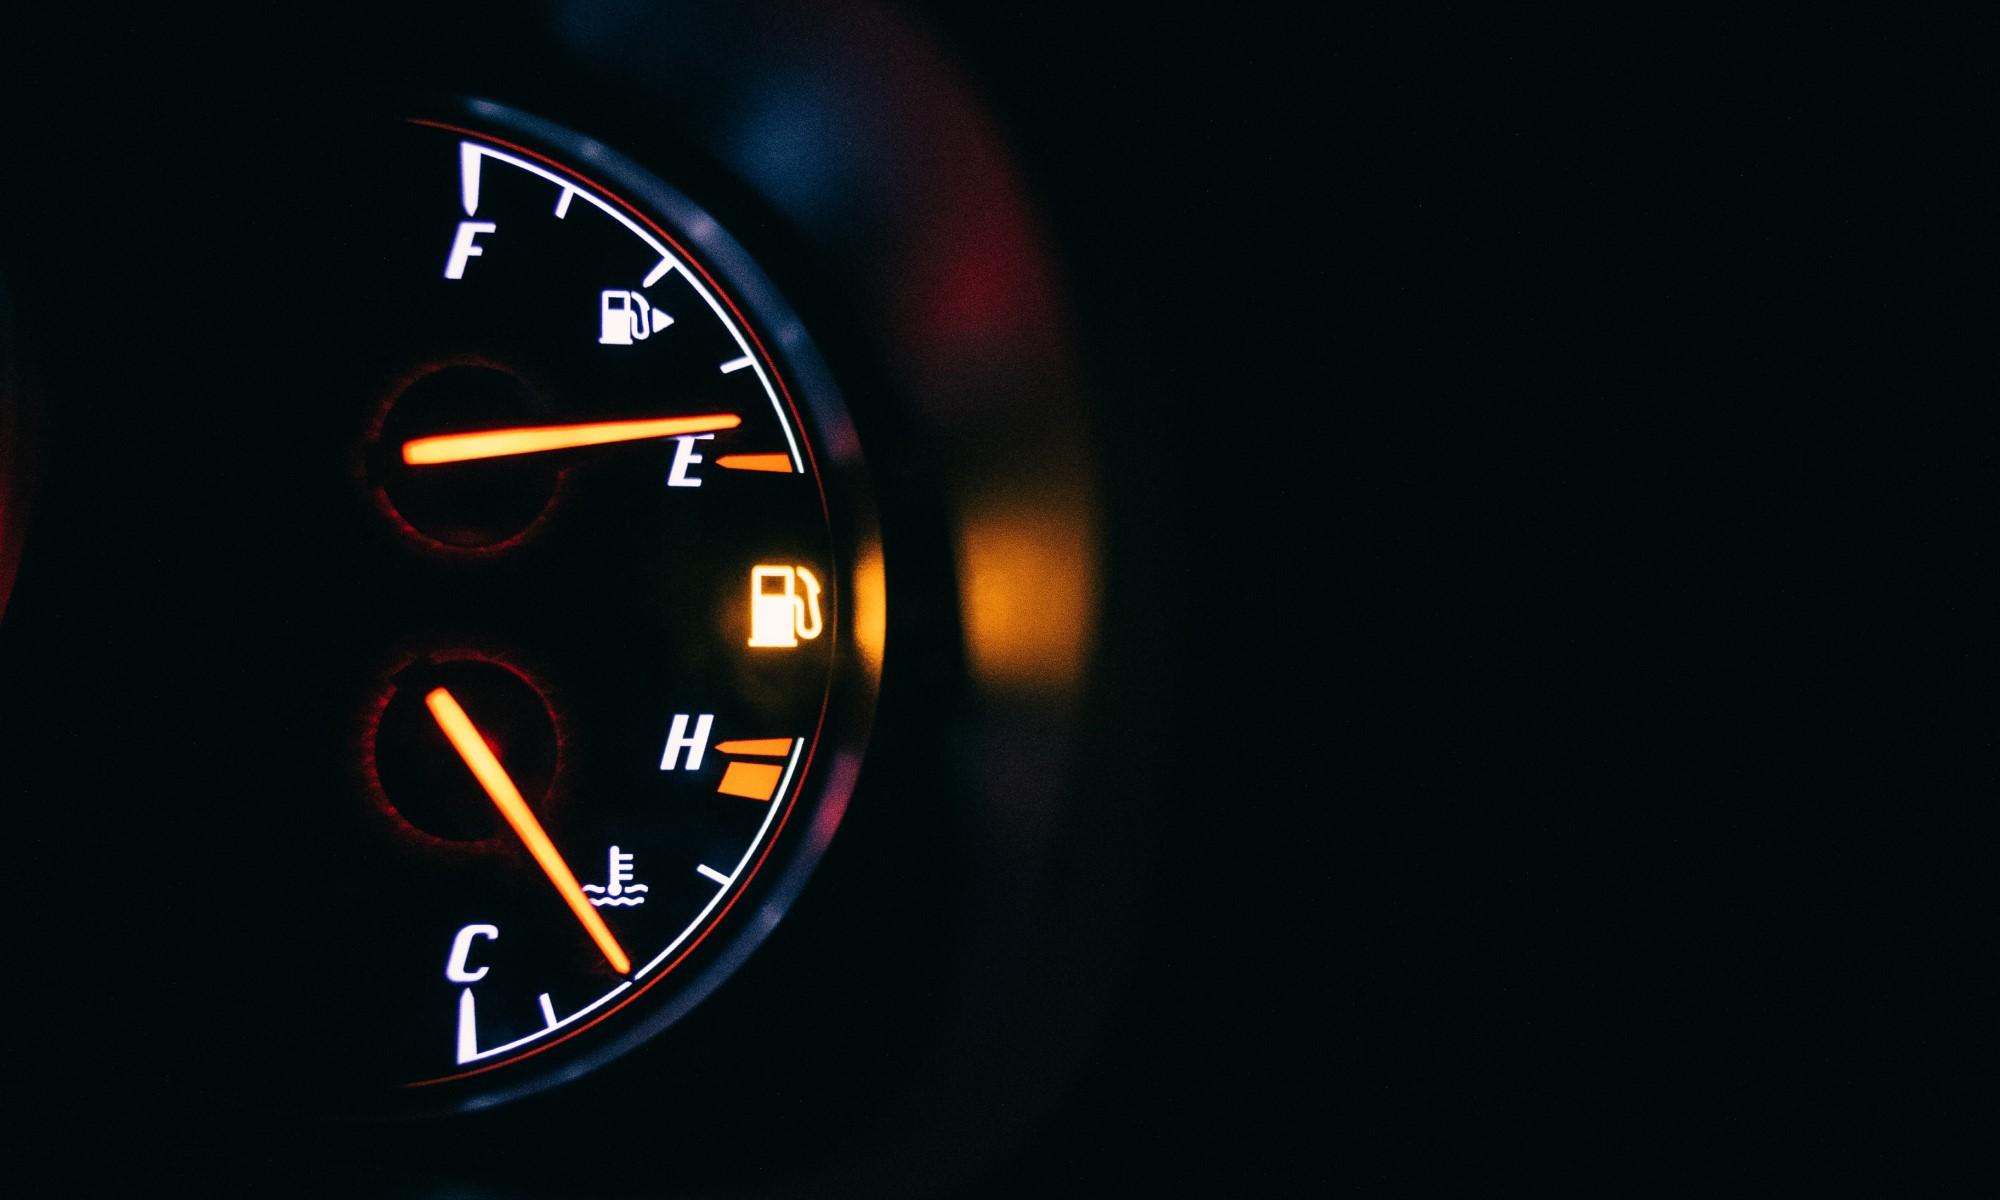 Fuel saving tips (Erik Mclean)